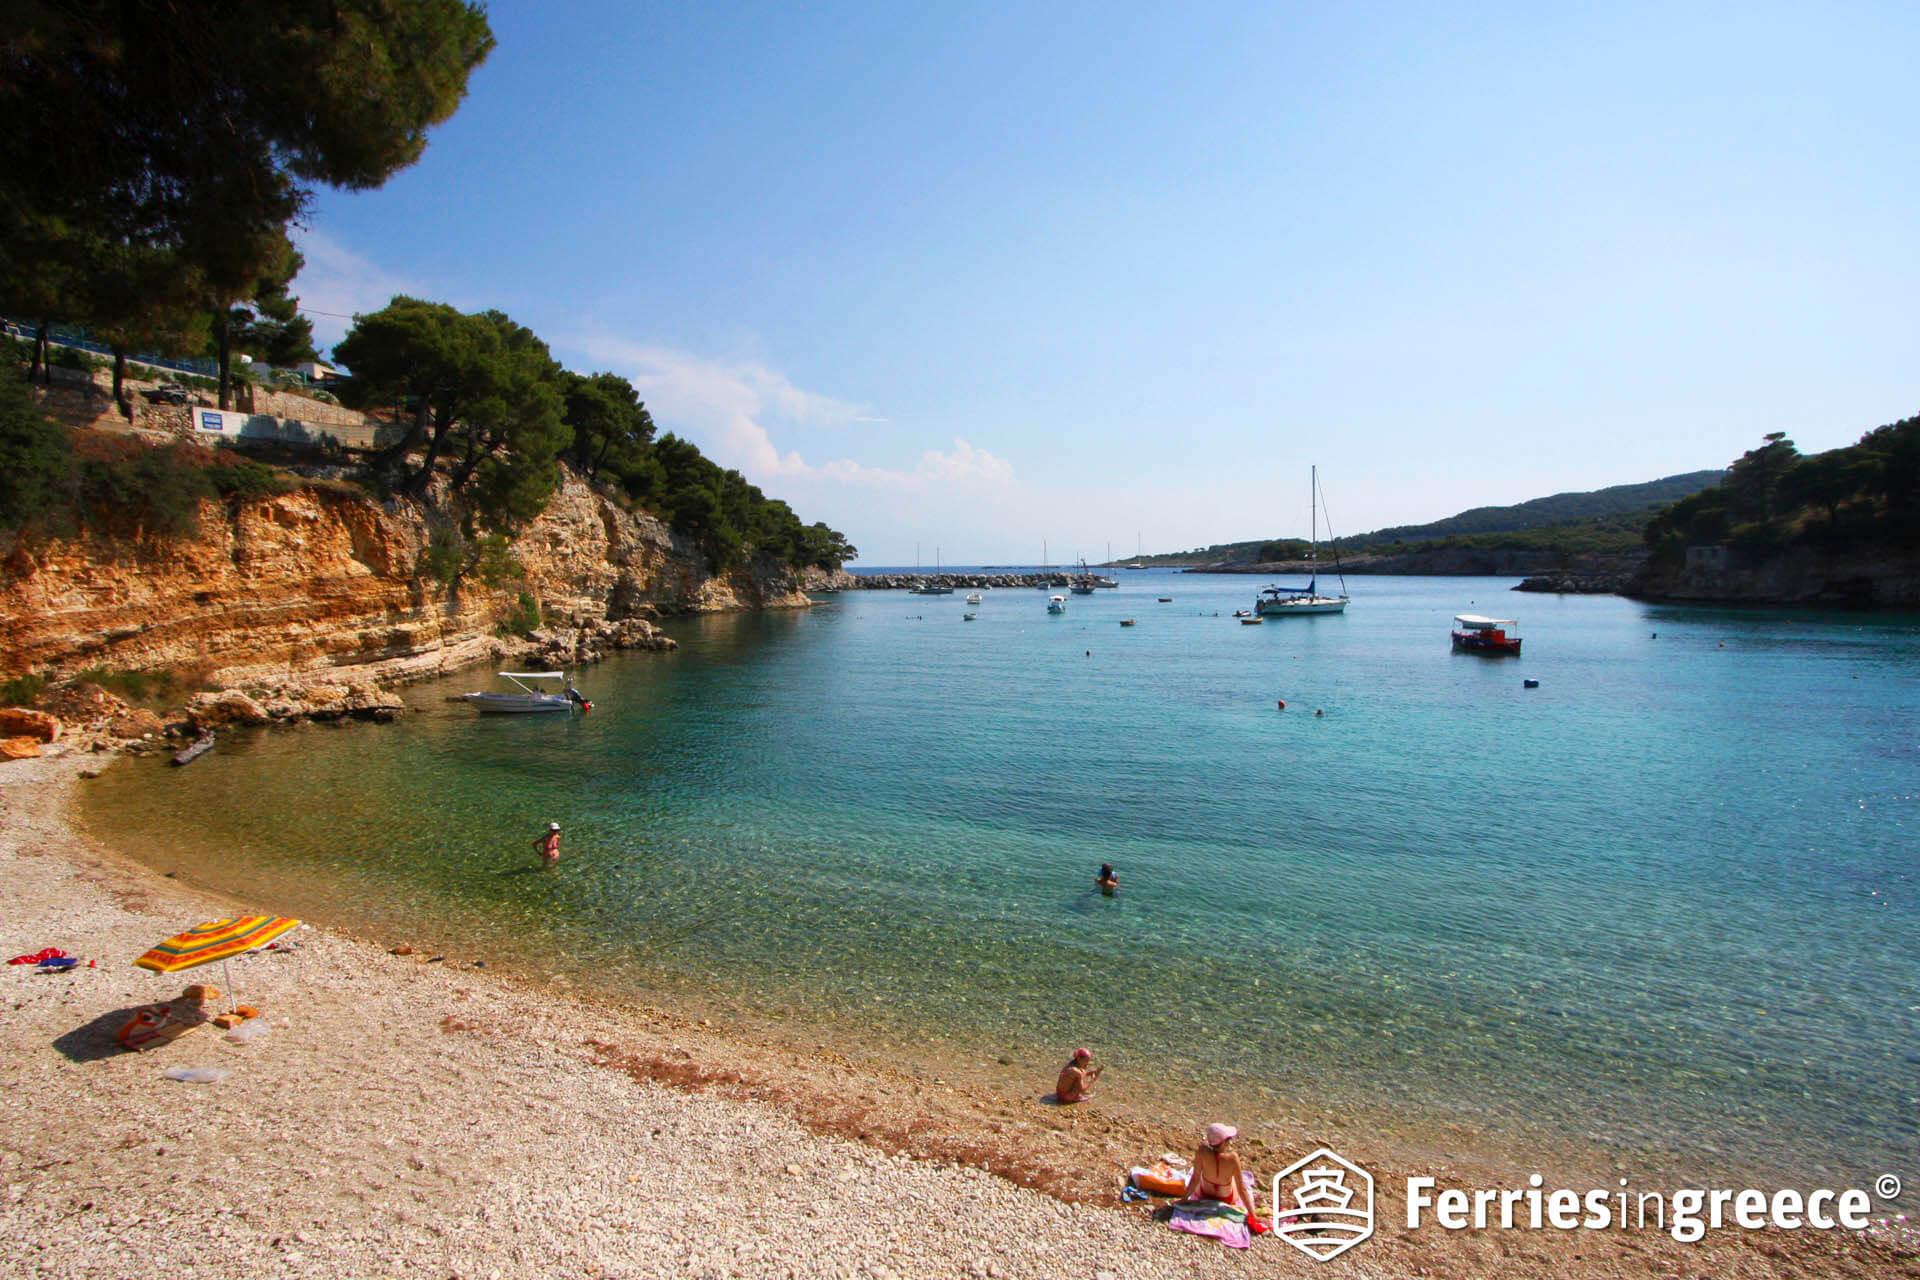 Buchen Sie Ihre Fähren nach Alonissos - Ferriesingreece.com